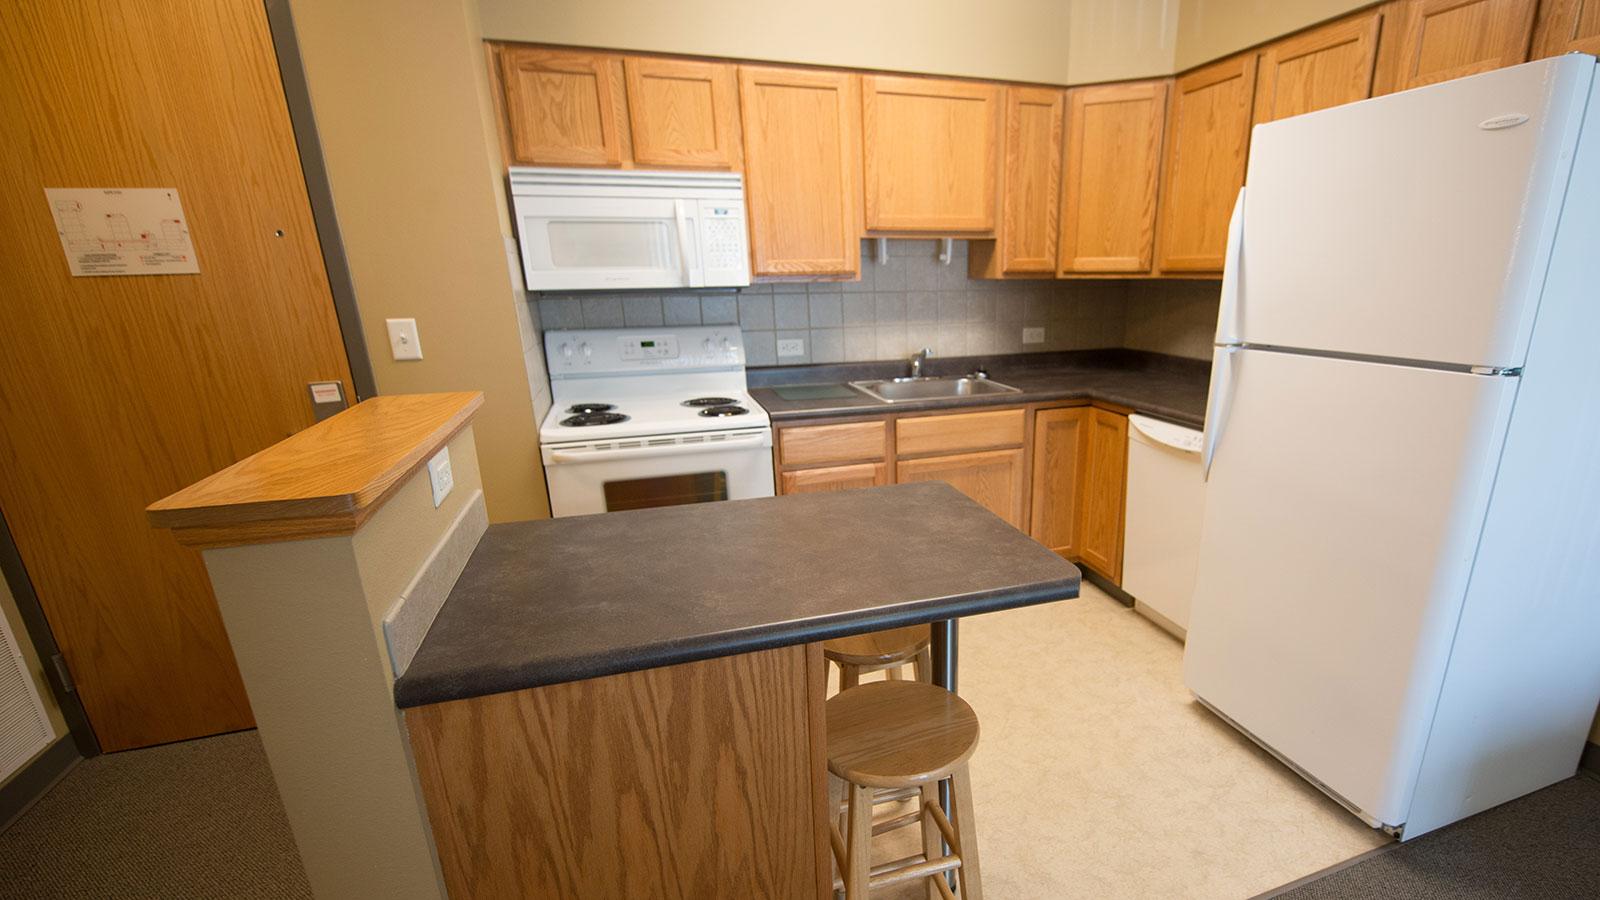 Village kitchen interior.